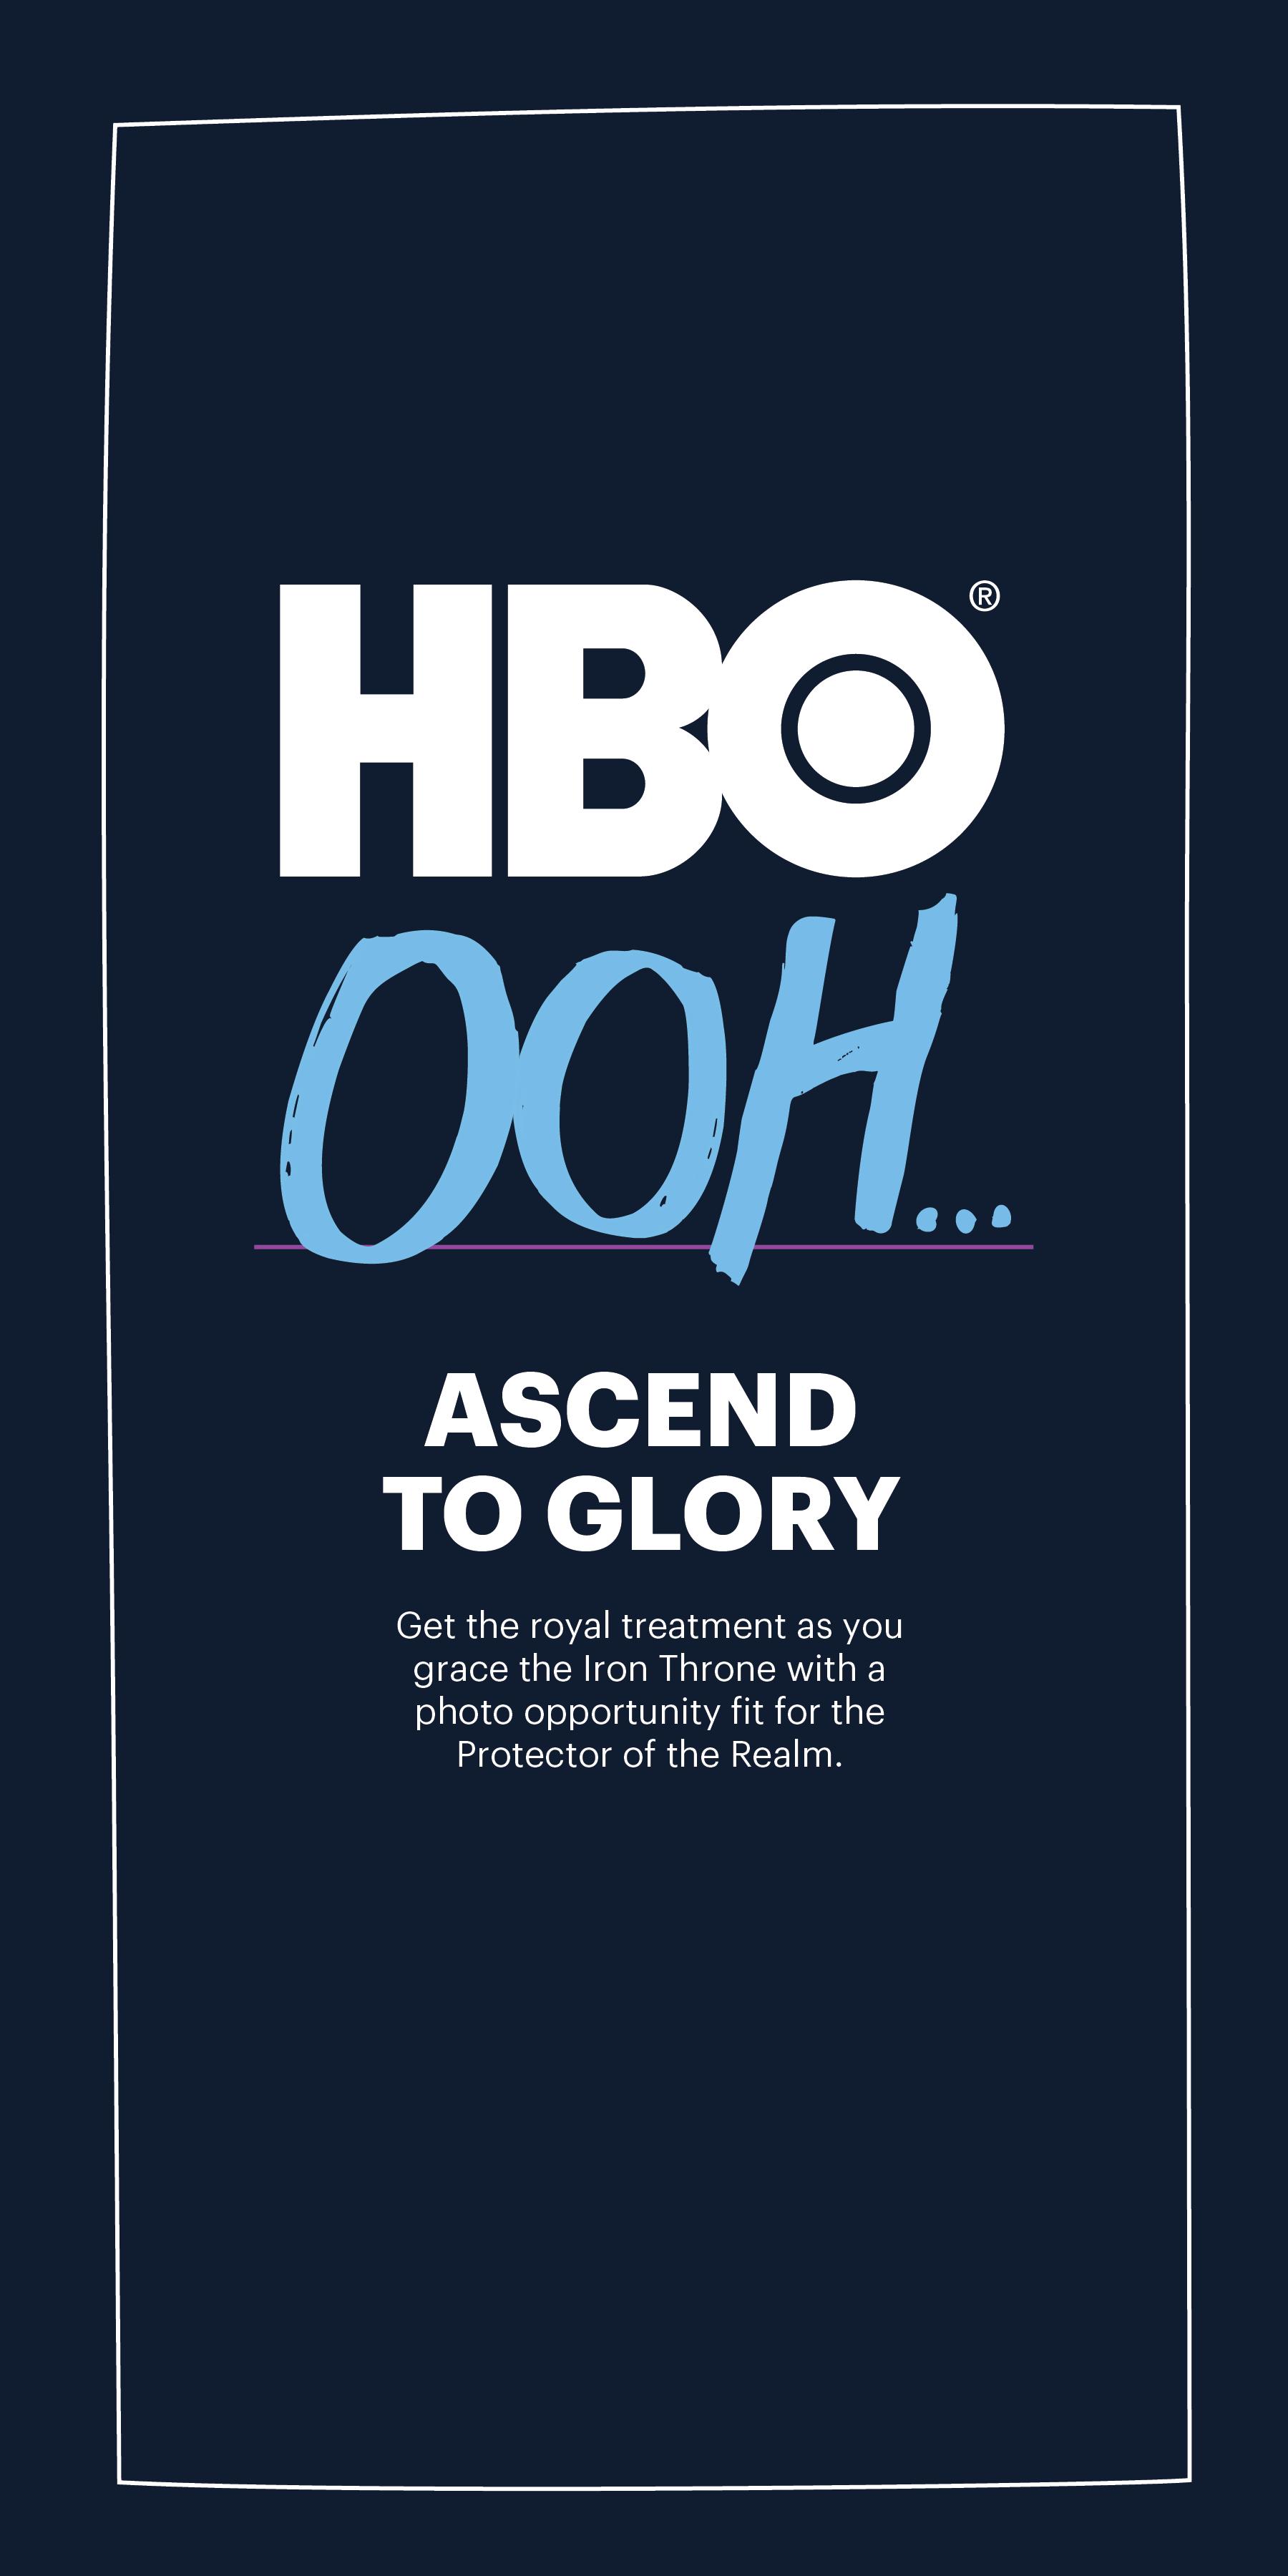 HBO_GO_WayfinderSignsTH_Final-06.png